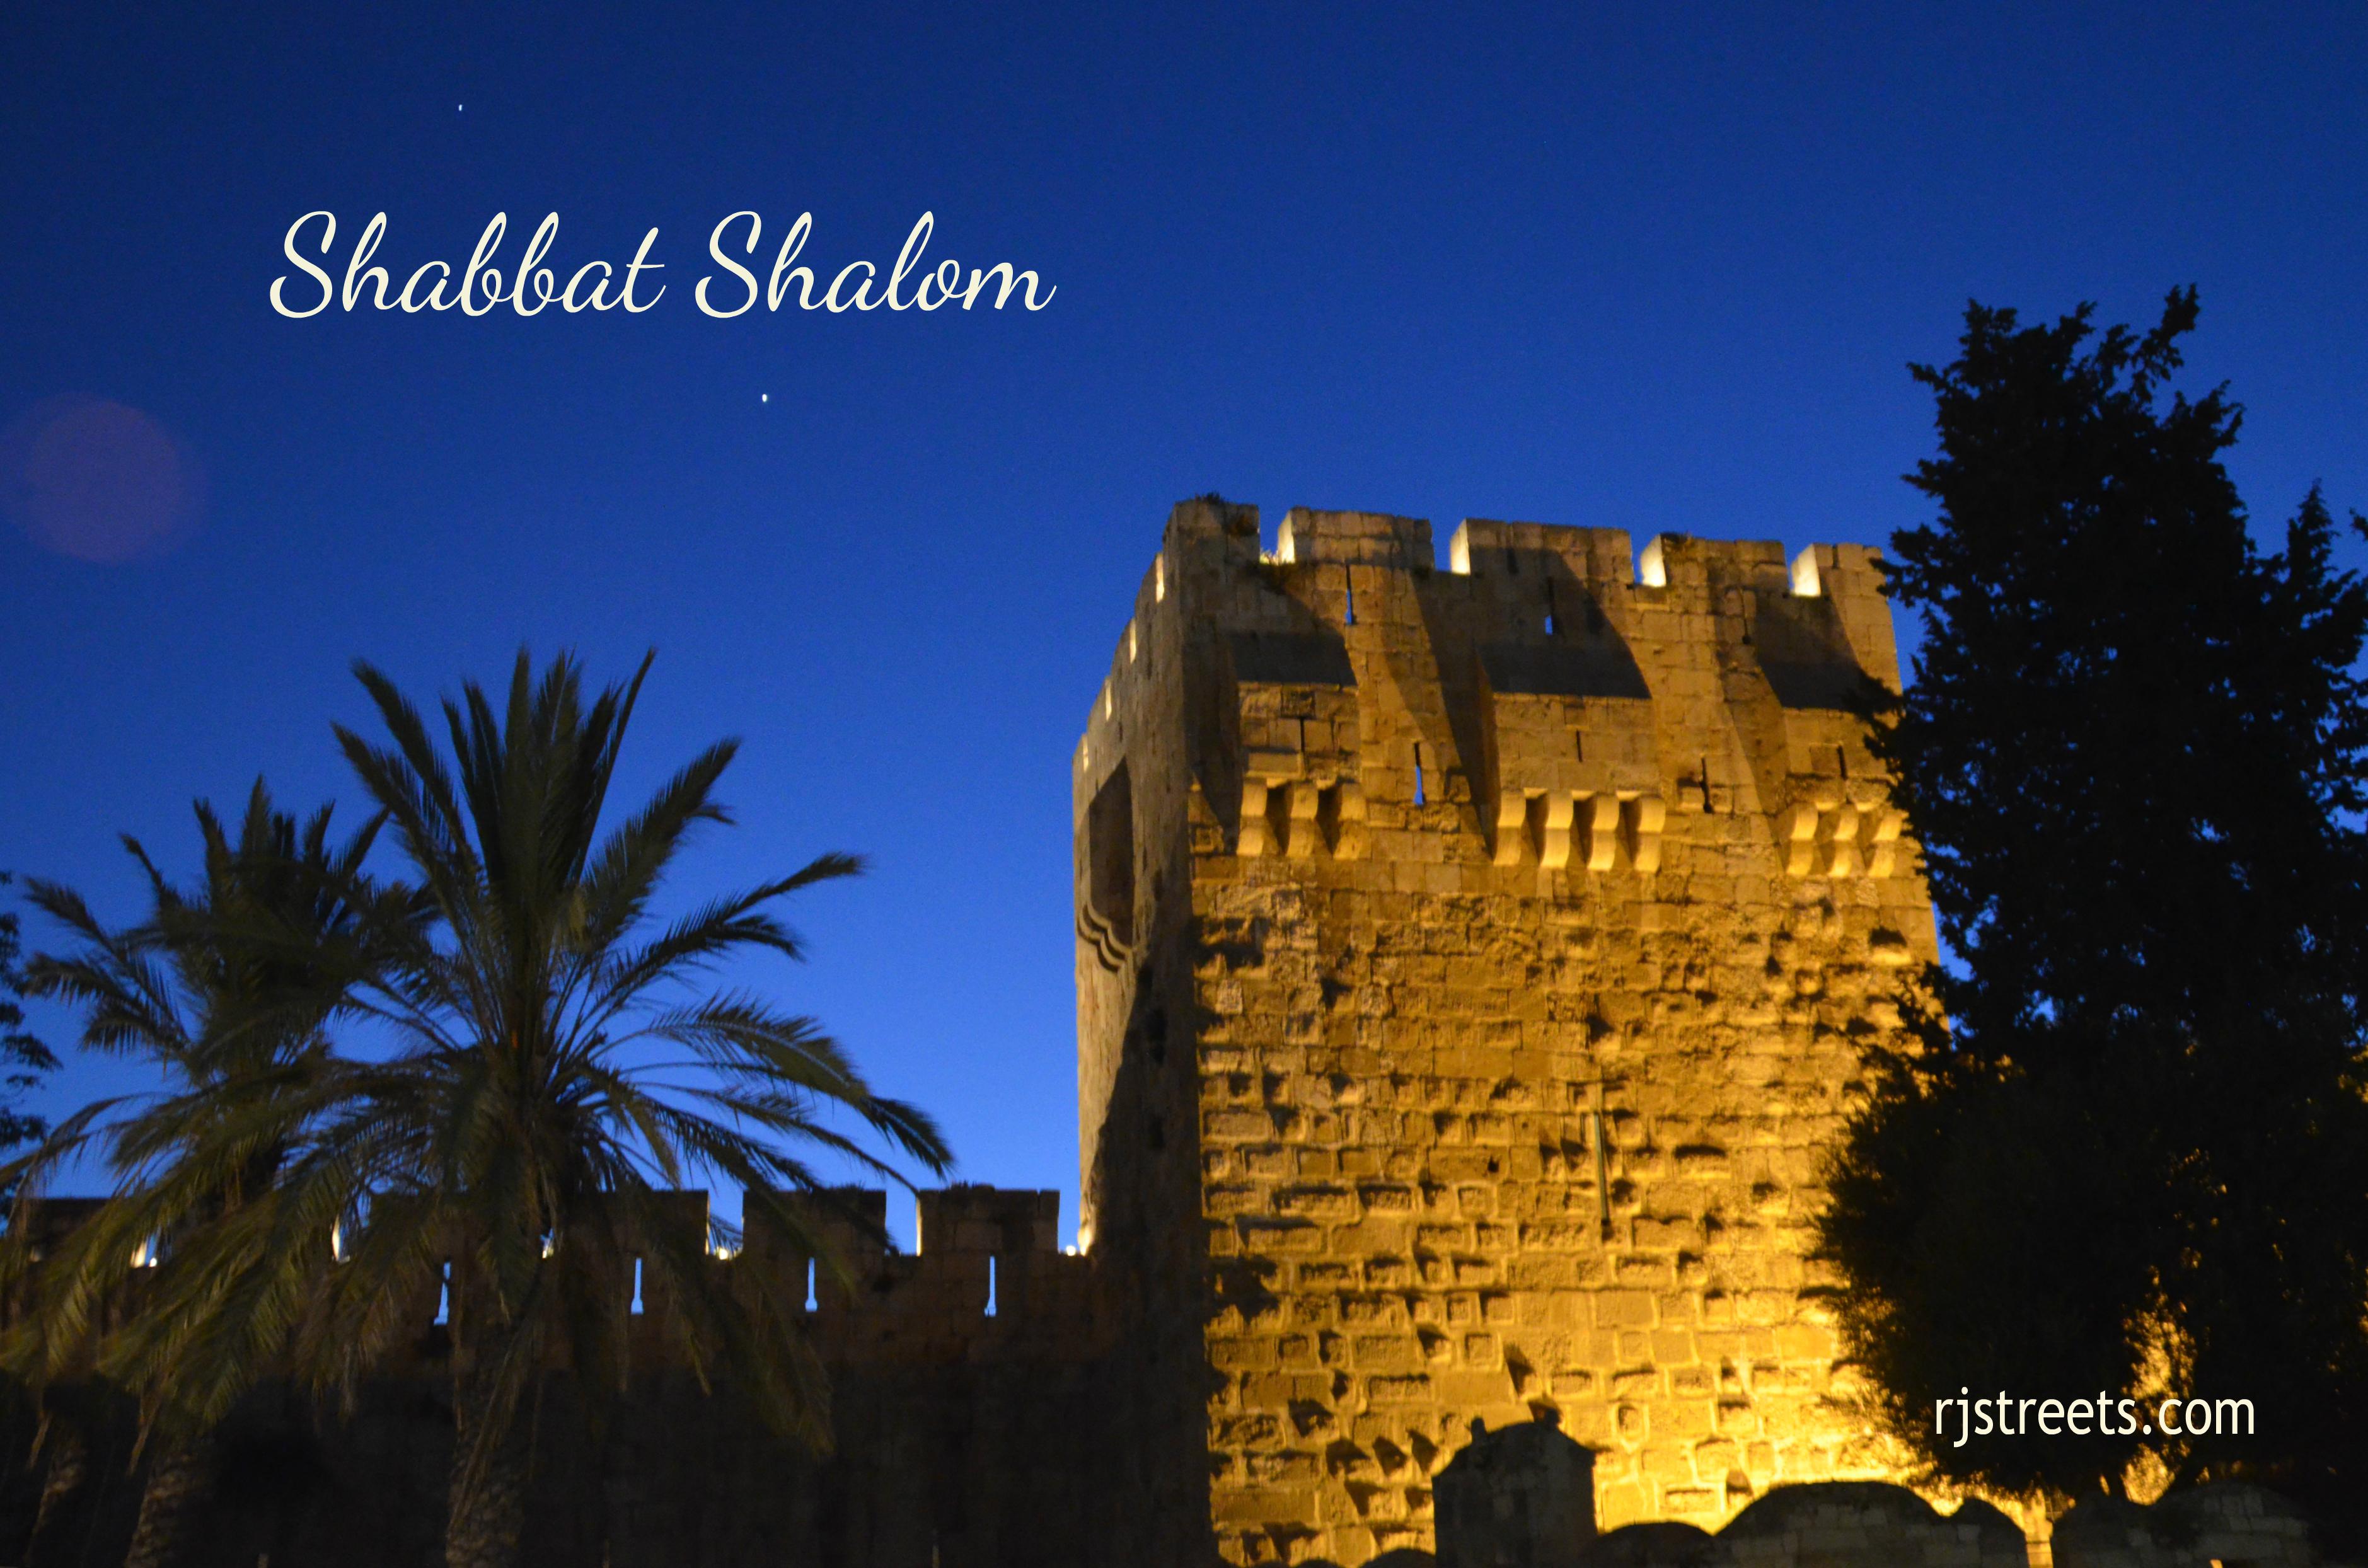 Shabbat shalom poser